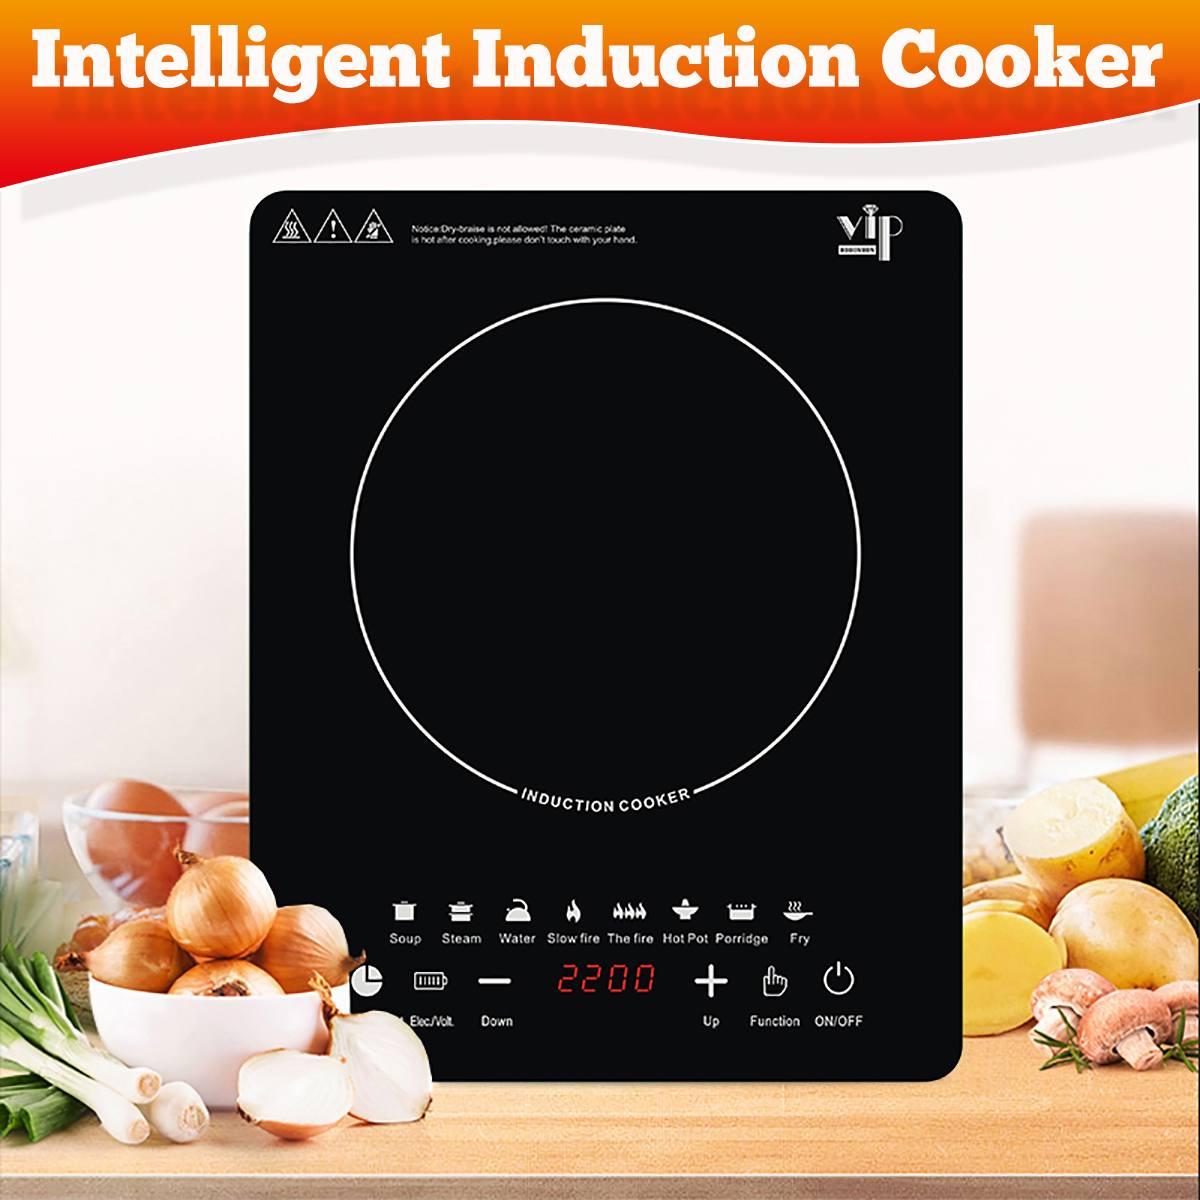 2200 واط عالية الطاقة التعريفي المواقد الذكية أجهزة مطبخ موقد فرن فرن فرن فرن التحكم الدقيق كوكتوب لوحة إناء/ قدر